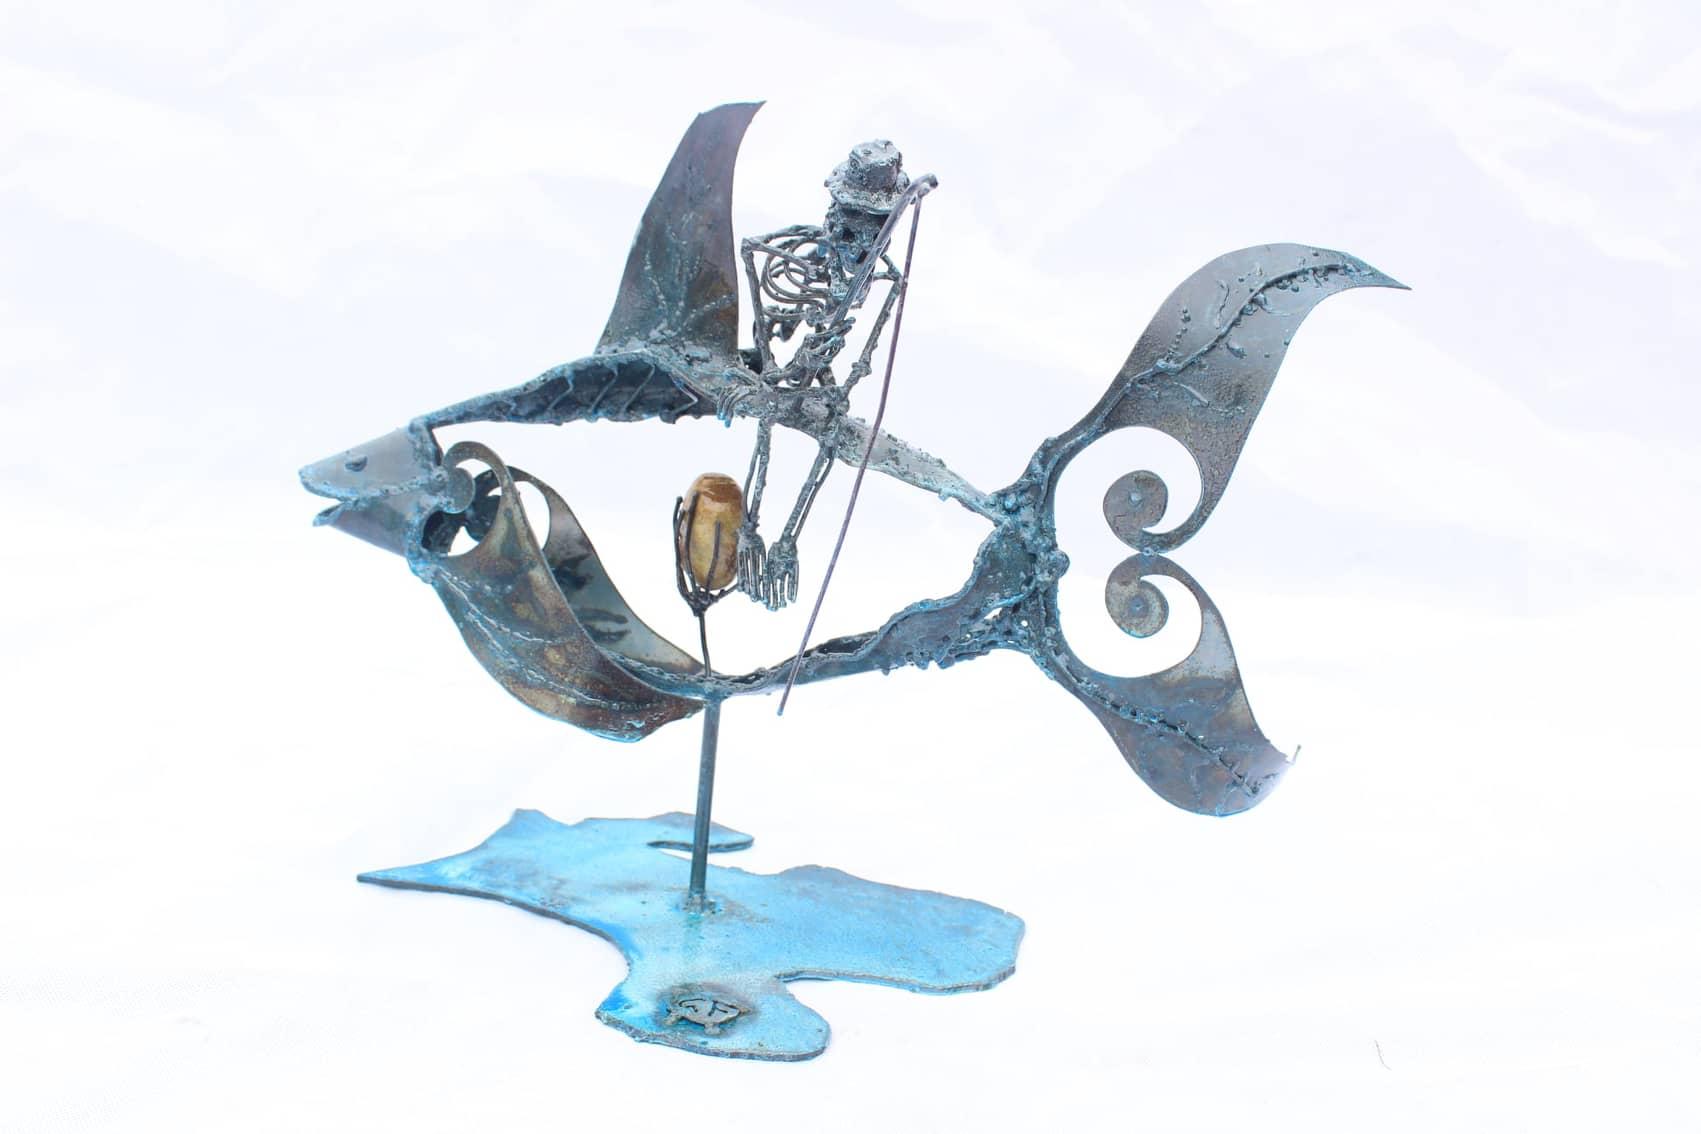 Poisson bleu - Sculpture en métal